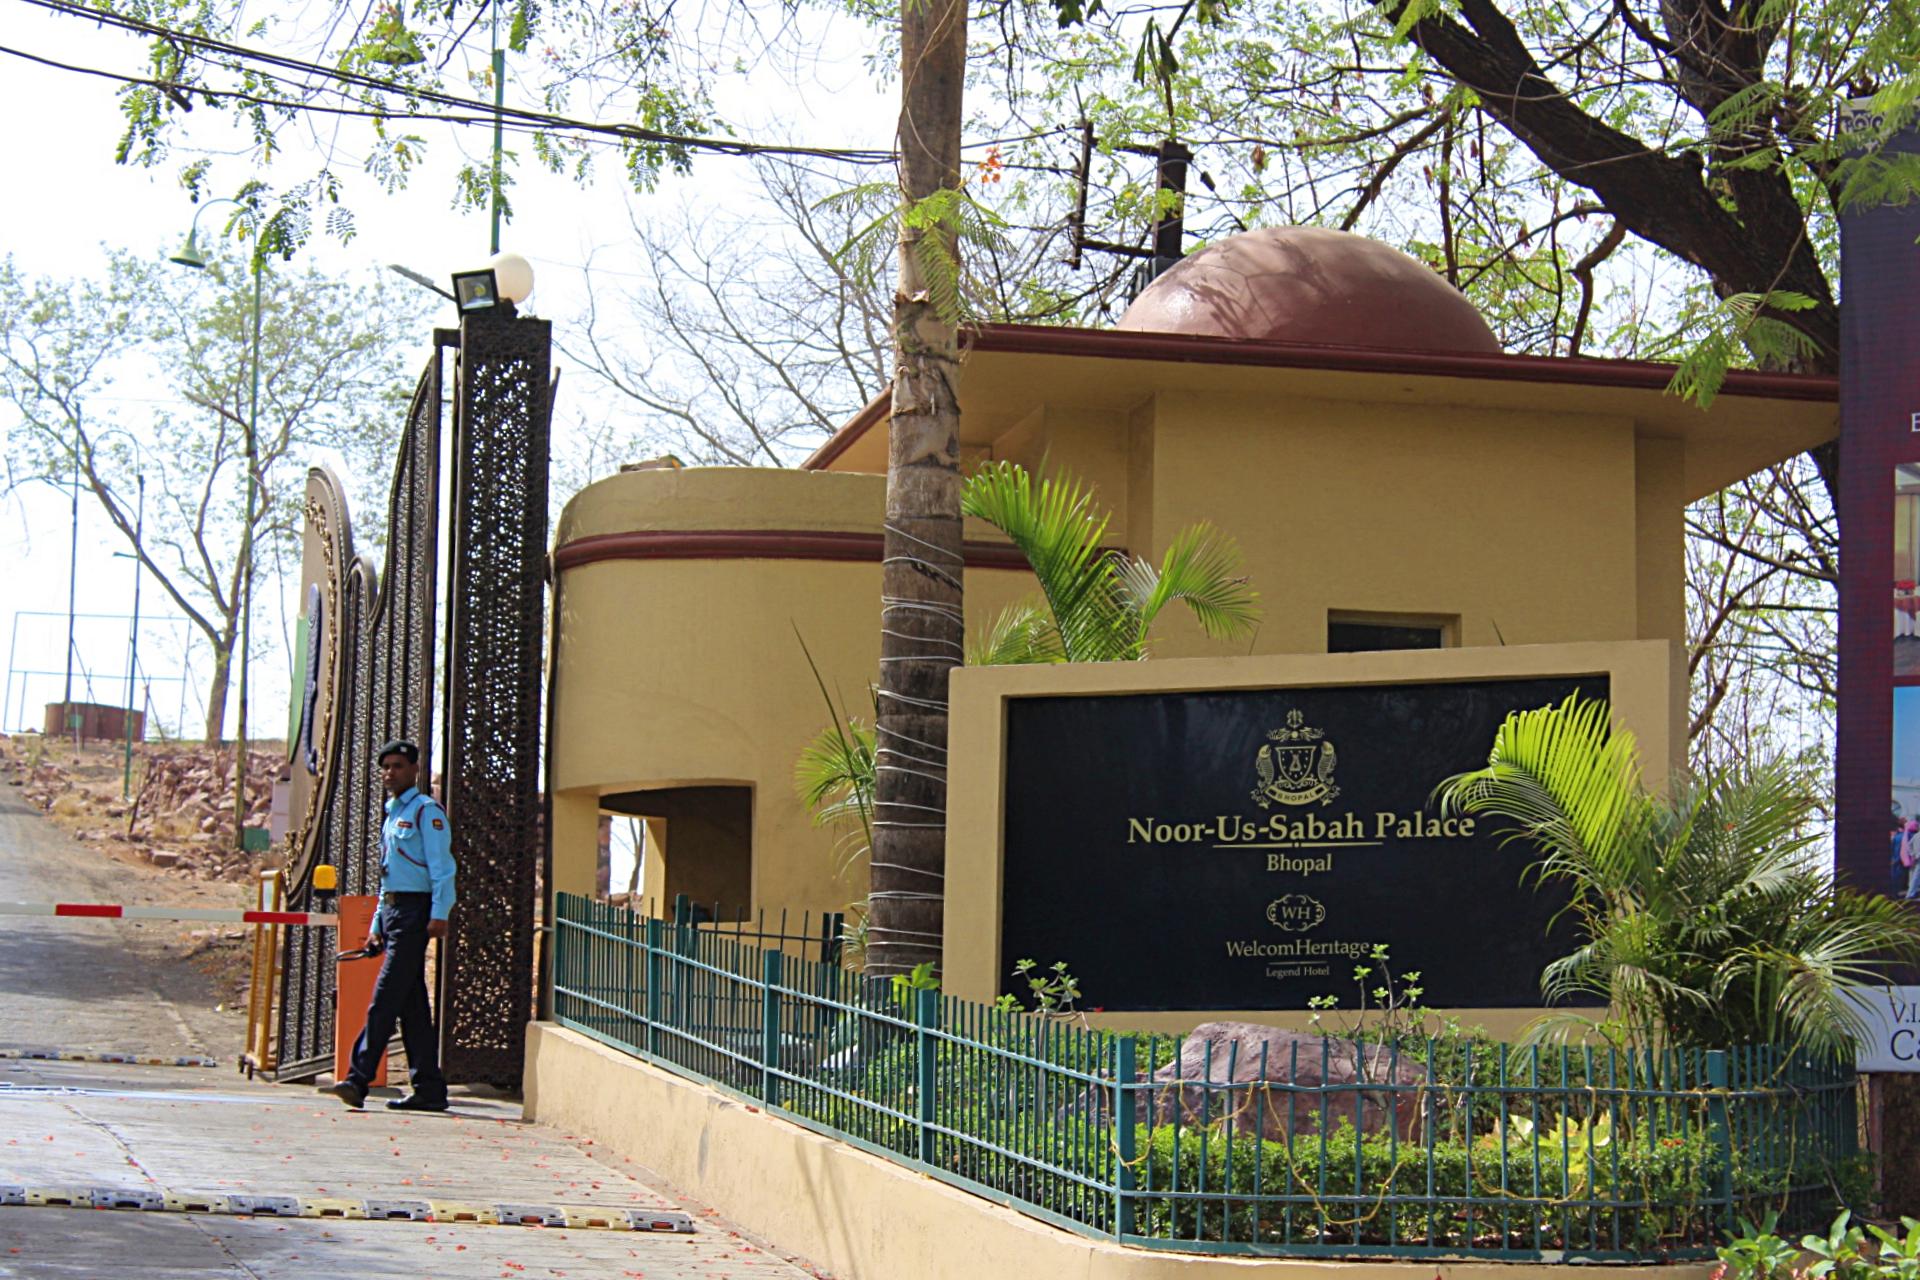 Noor-Us-Sabah Palace Entrance Gate